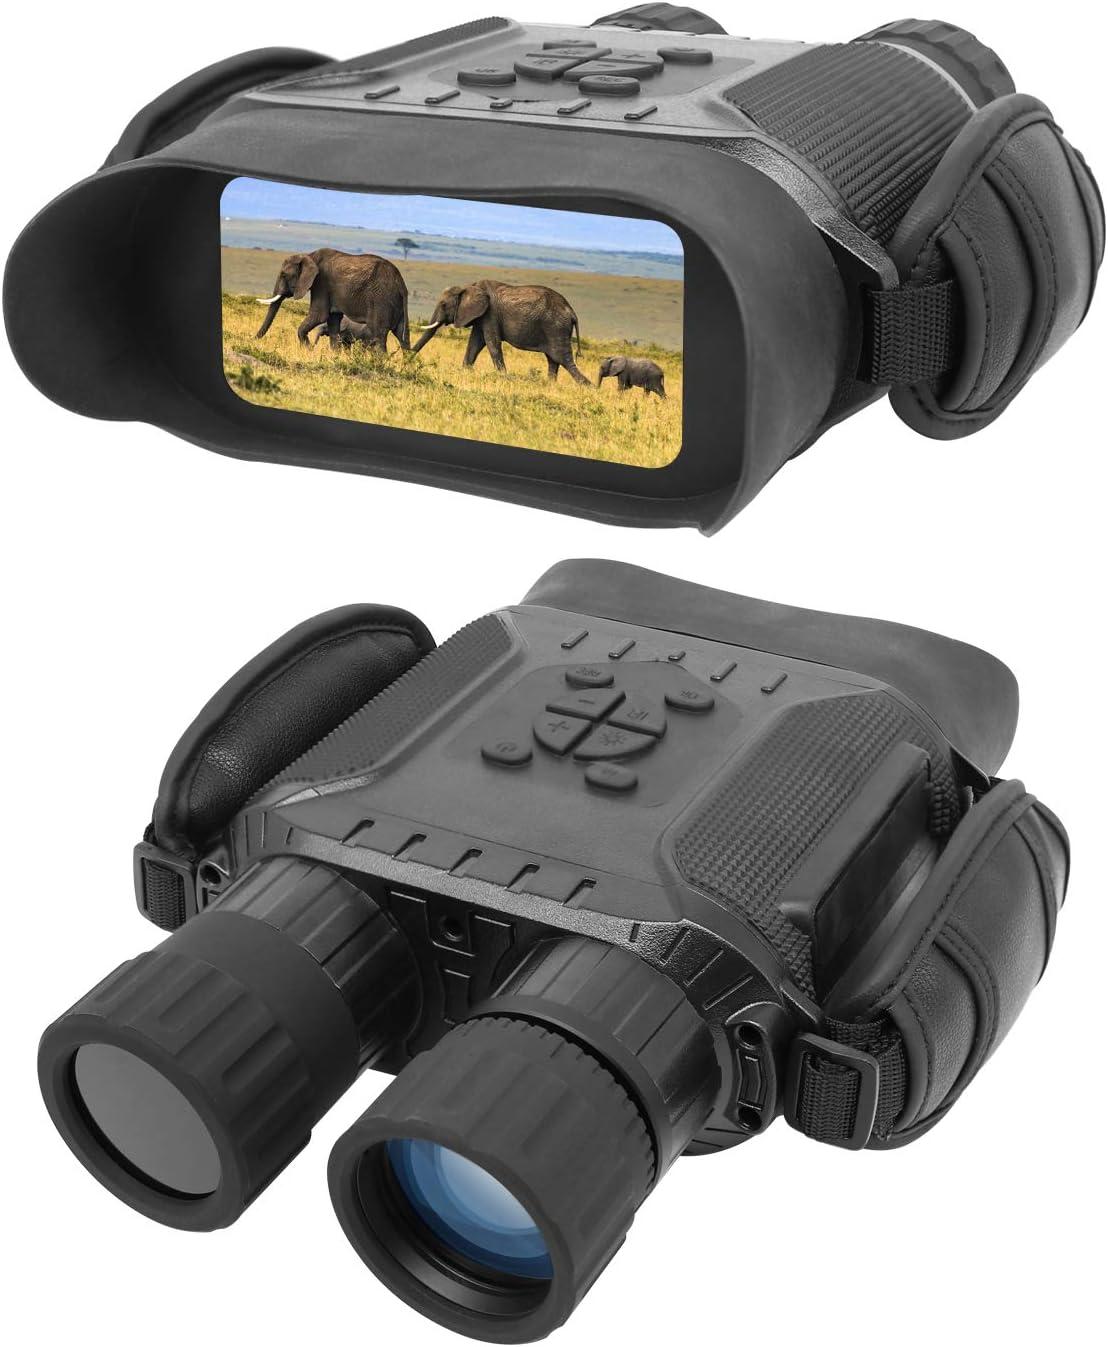 Bestguarder NV-900 Digital Night Vision Binocular